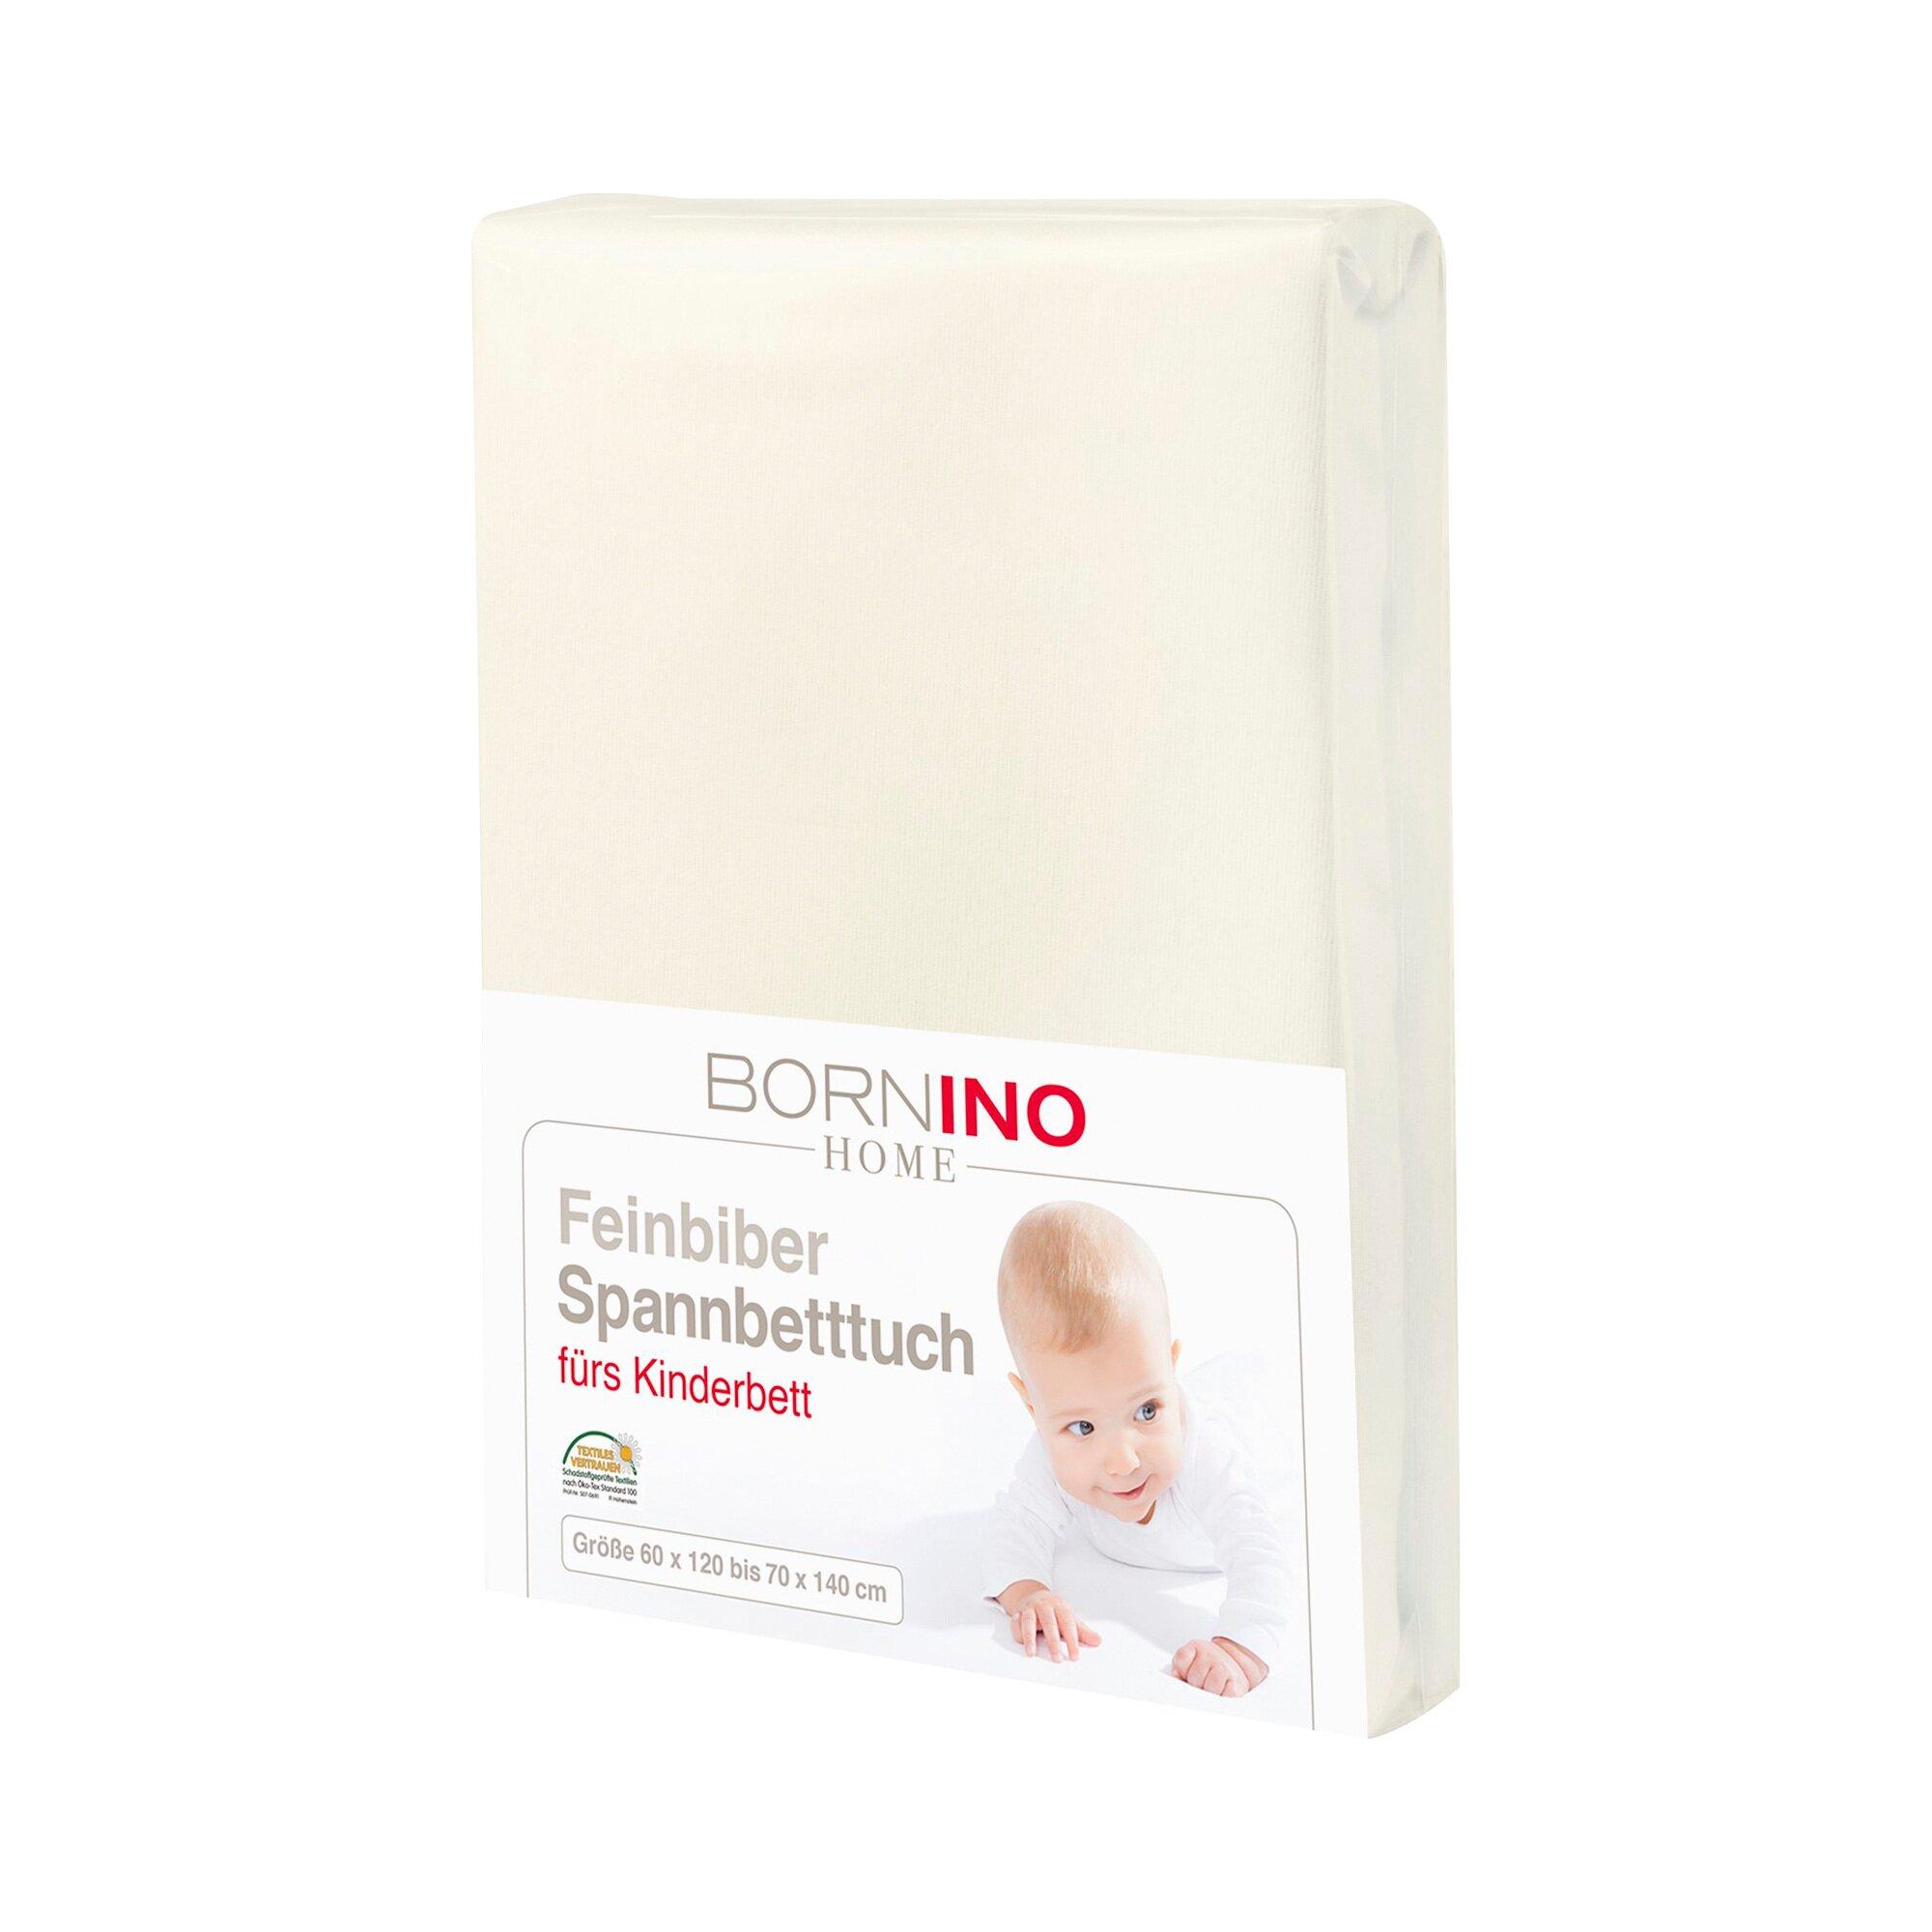 Bornino Home Feinbiber-Spannbetttuch 60x120 cm - 70x140 cm natur 70